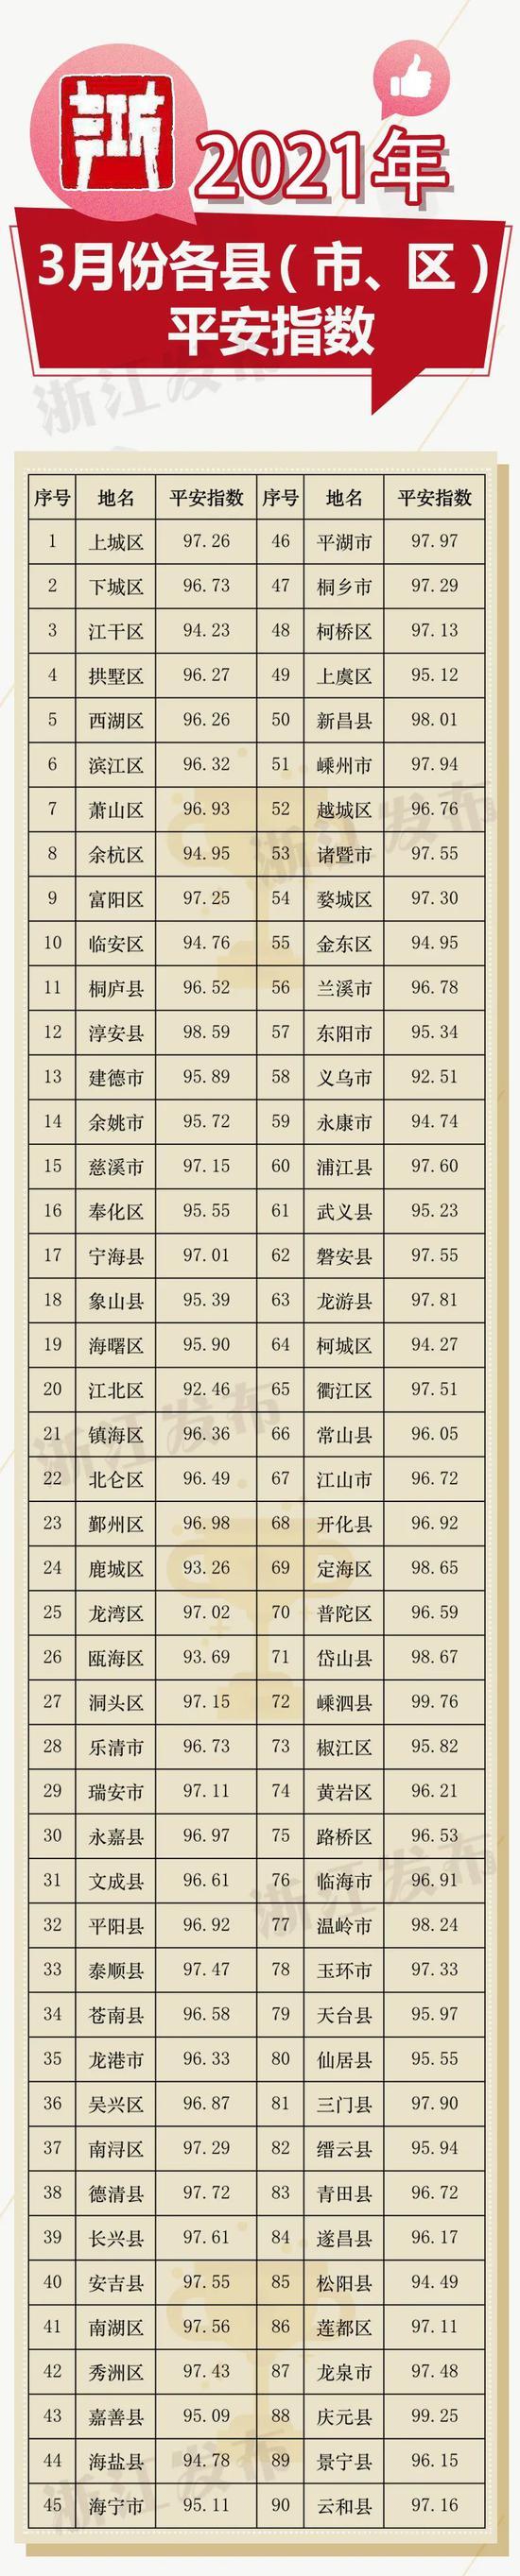 注:近期杭州市部分行政区划调整,本次为调整前统计数据。